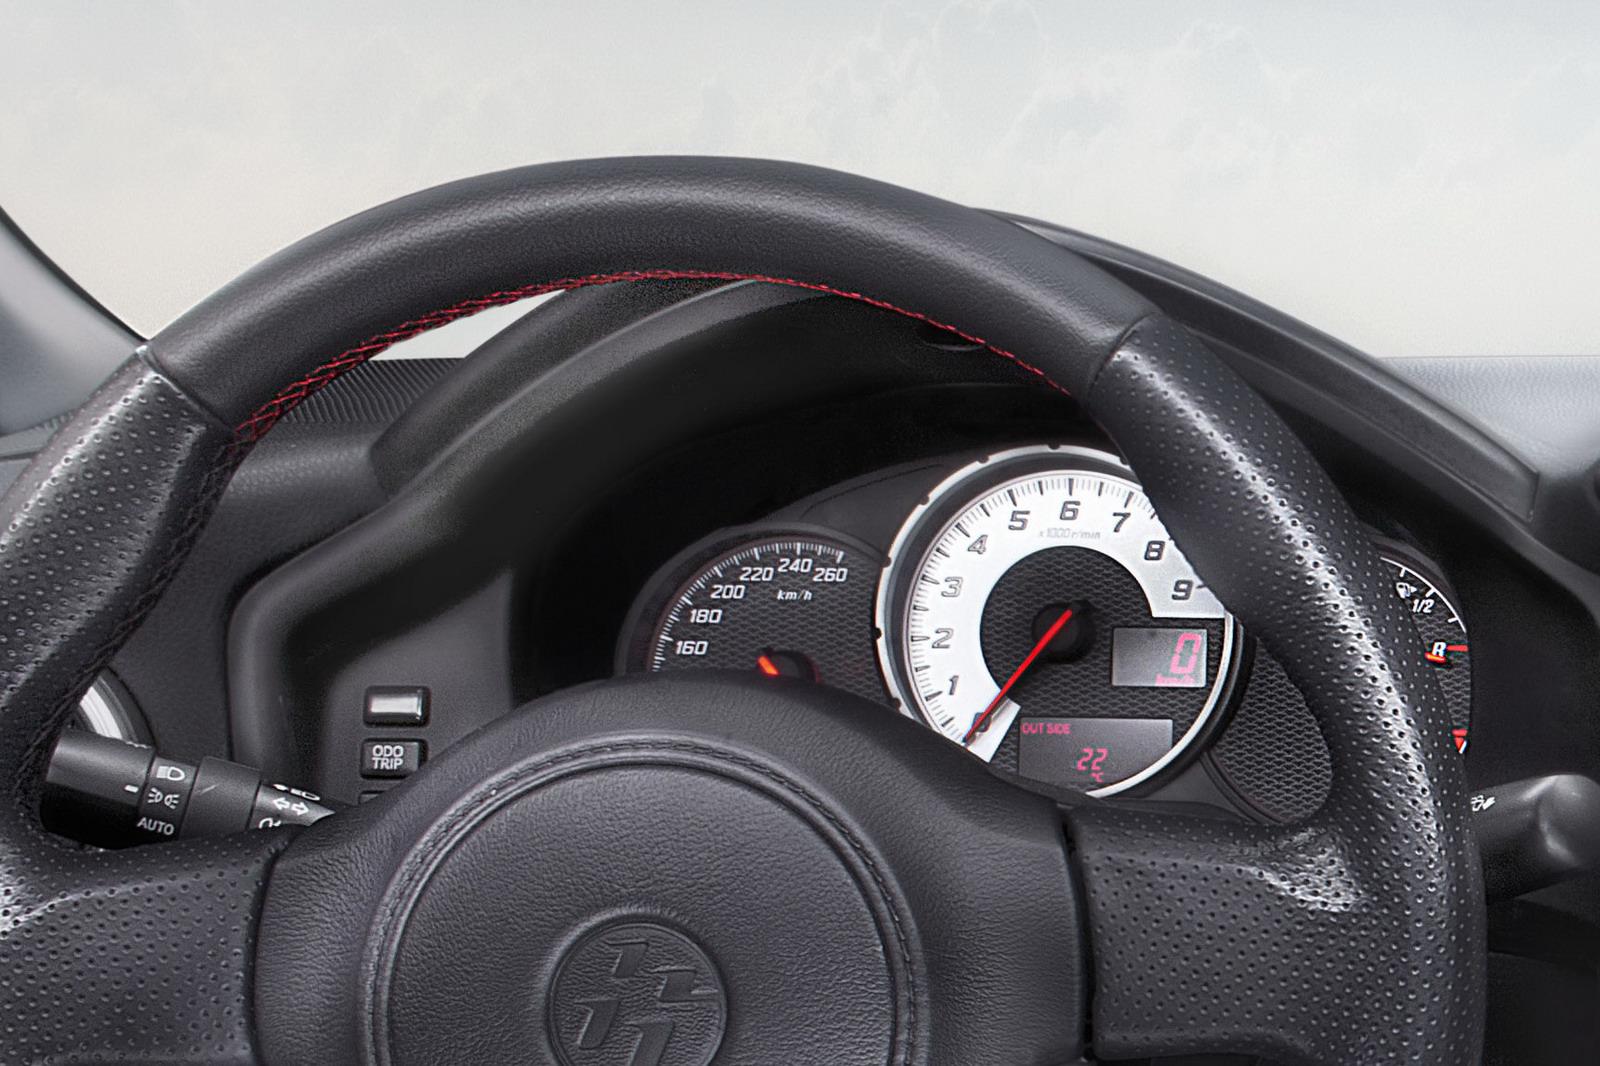 Toyota-GT-86-Interior-4 - ForceGT.com